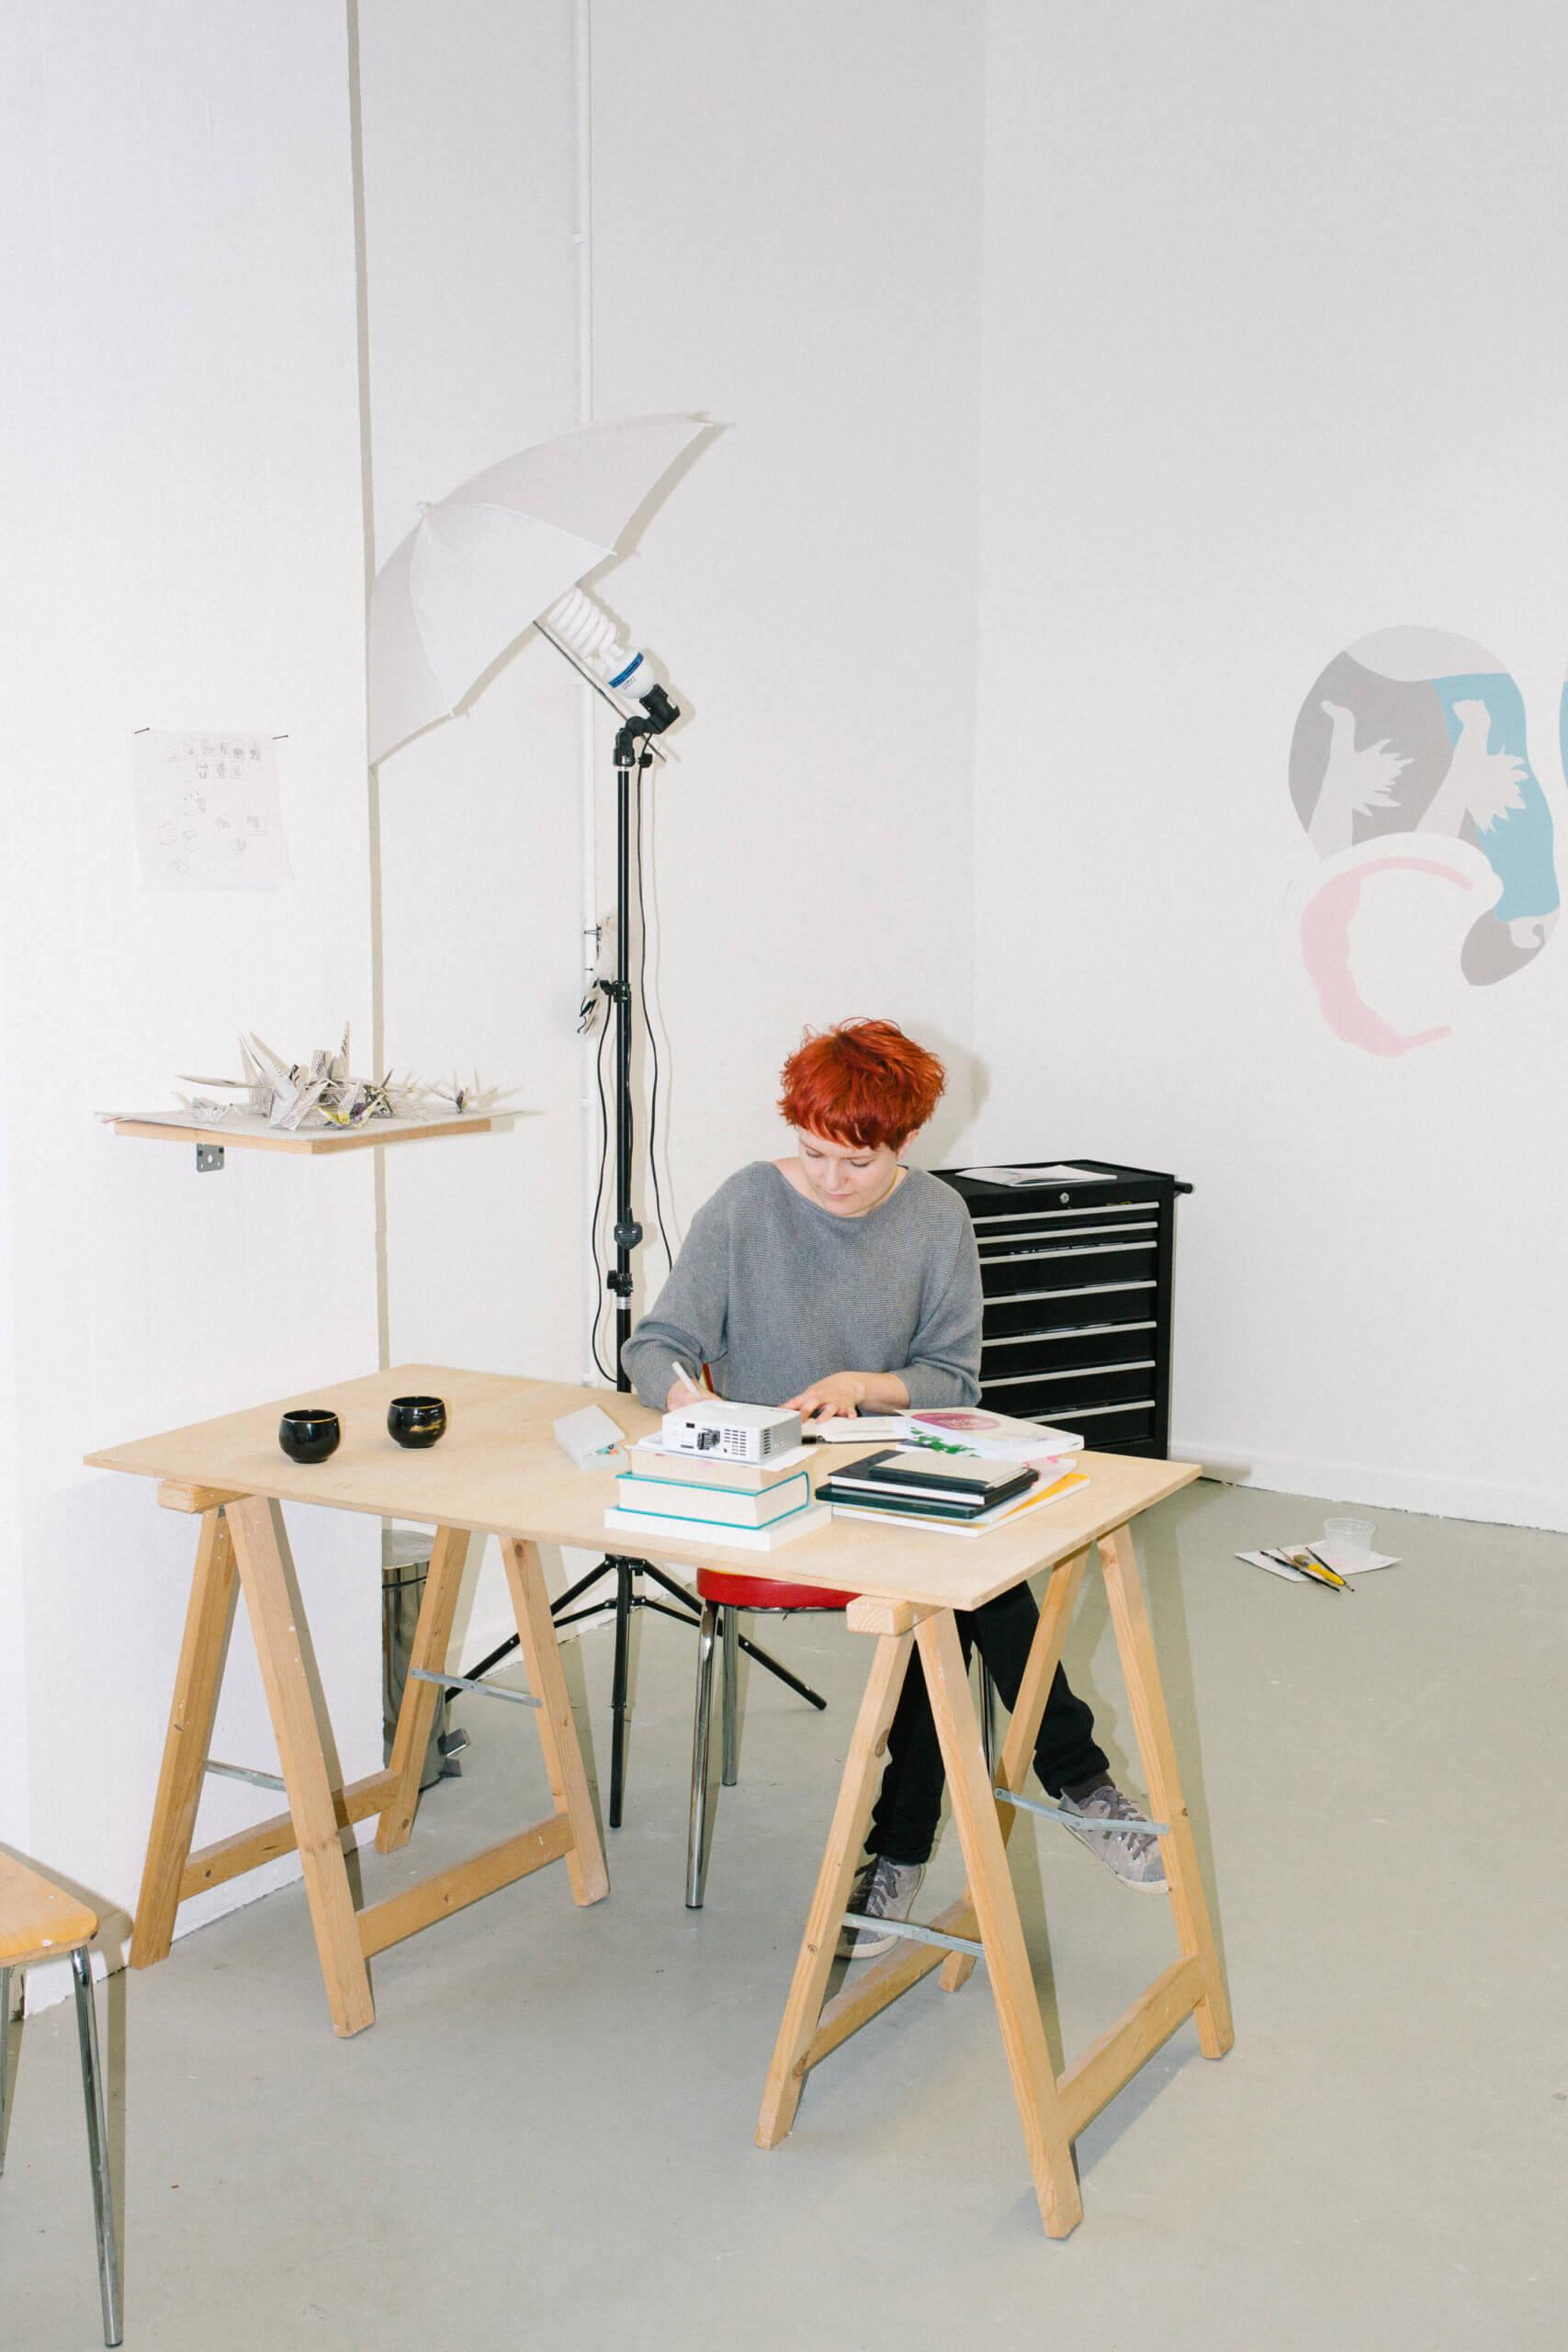 Auf dem Bild arbeitet Stefanie Gerstmayr an ihrem Schriebtisch. Sie schreibt per hand auf einen Zettel. Im Hinterghurnd ist eine Wandarbeit von ihr zu sehen und links tehat en Fotoblitzlicht auf einem Stativ.